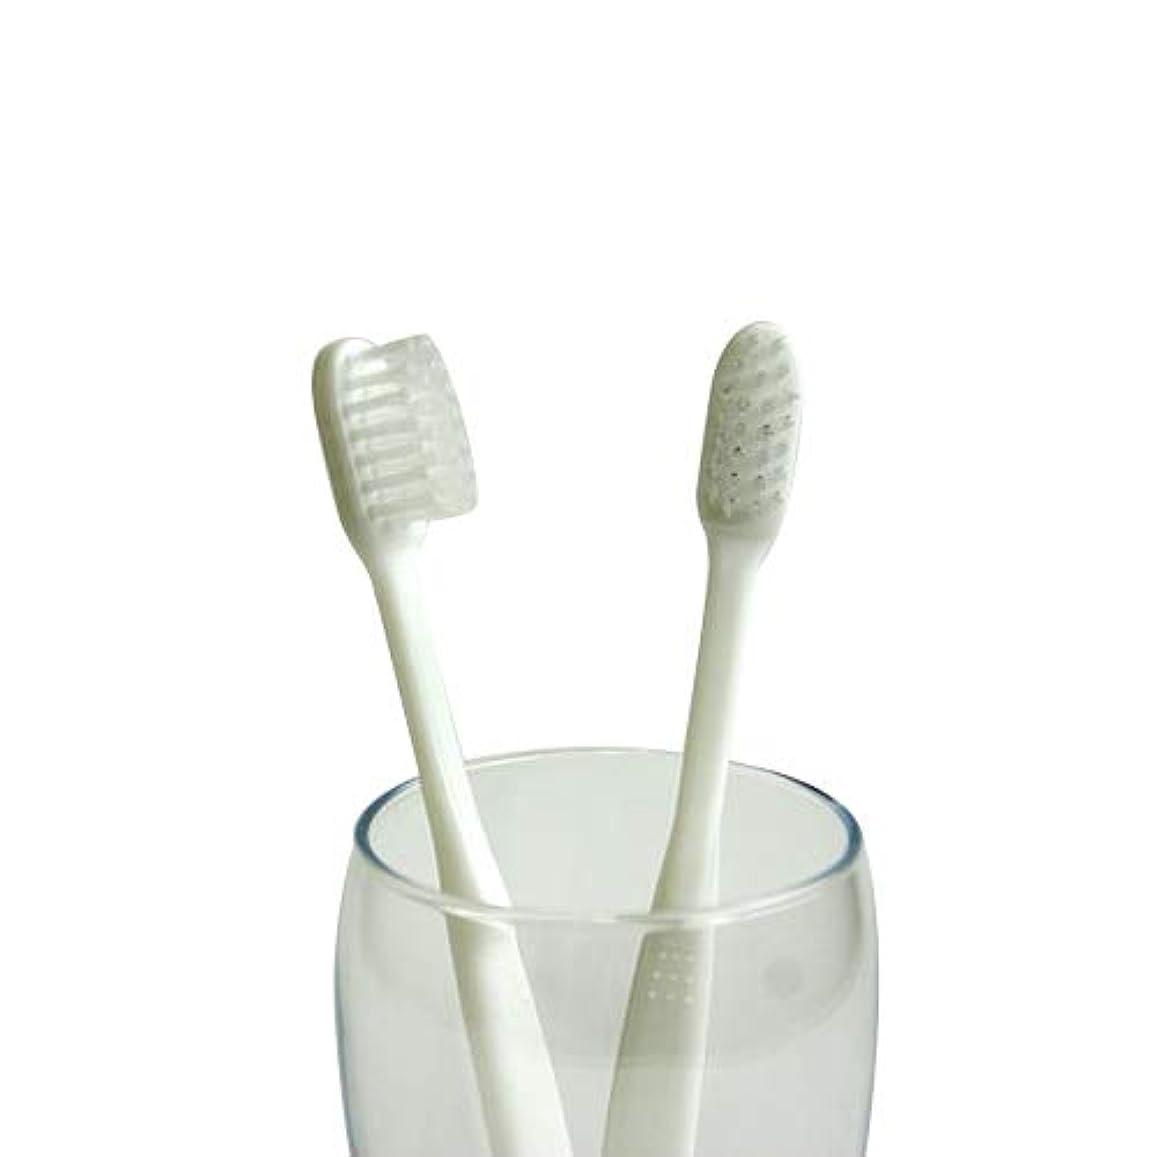 ダース香水溶接業務用使い捨て歯ブラシ(ハミガキ粉無し) 100本入り│口腔衛生用 清掃用 掃除用 工業用 ハブラシ はぶらし